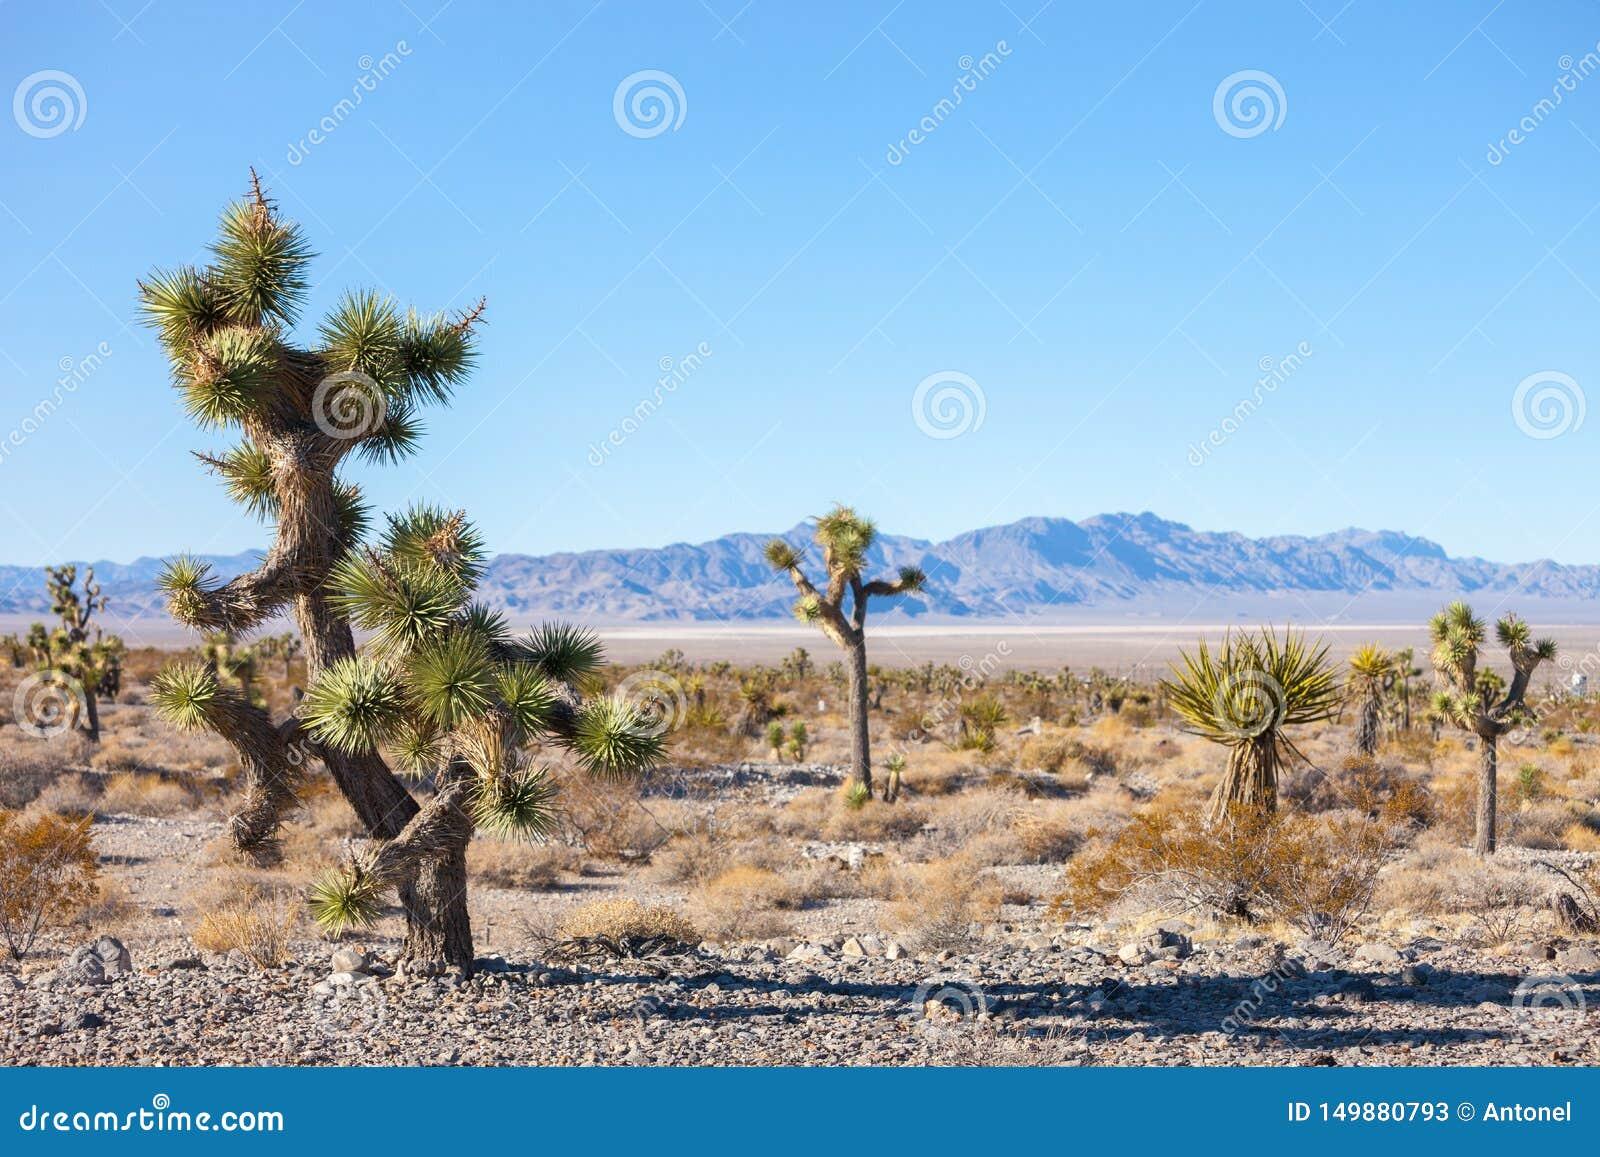 Дерево Иешуа в пустыне Мохаве, Калифорния, Соединенные Штаты